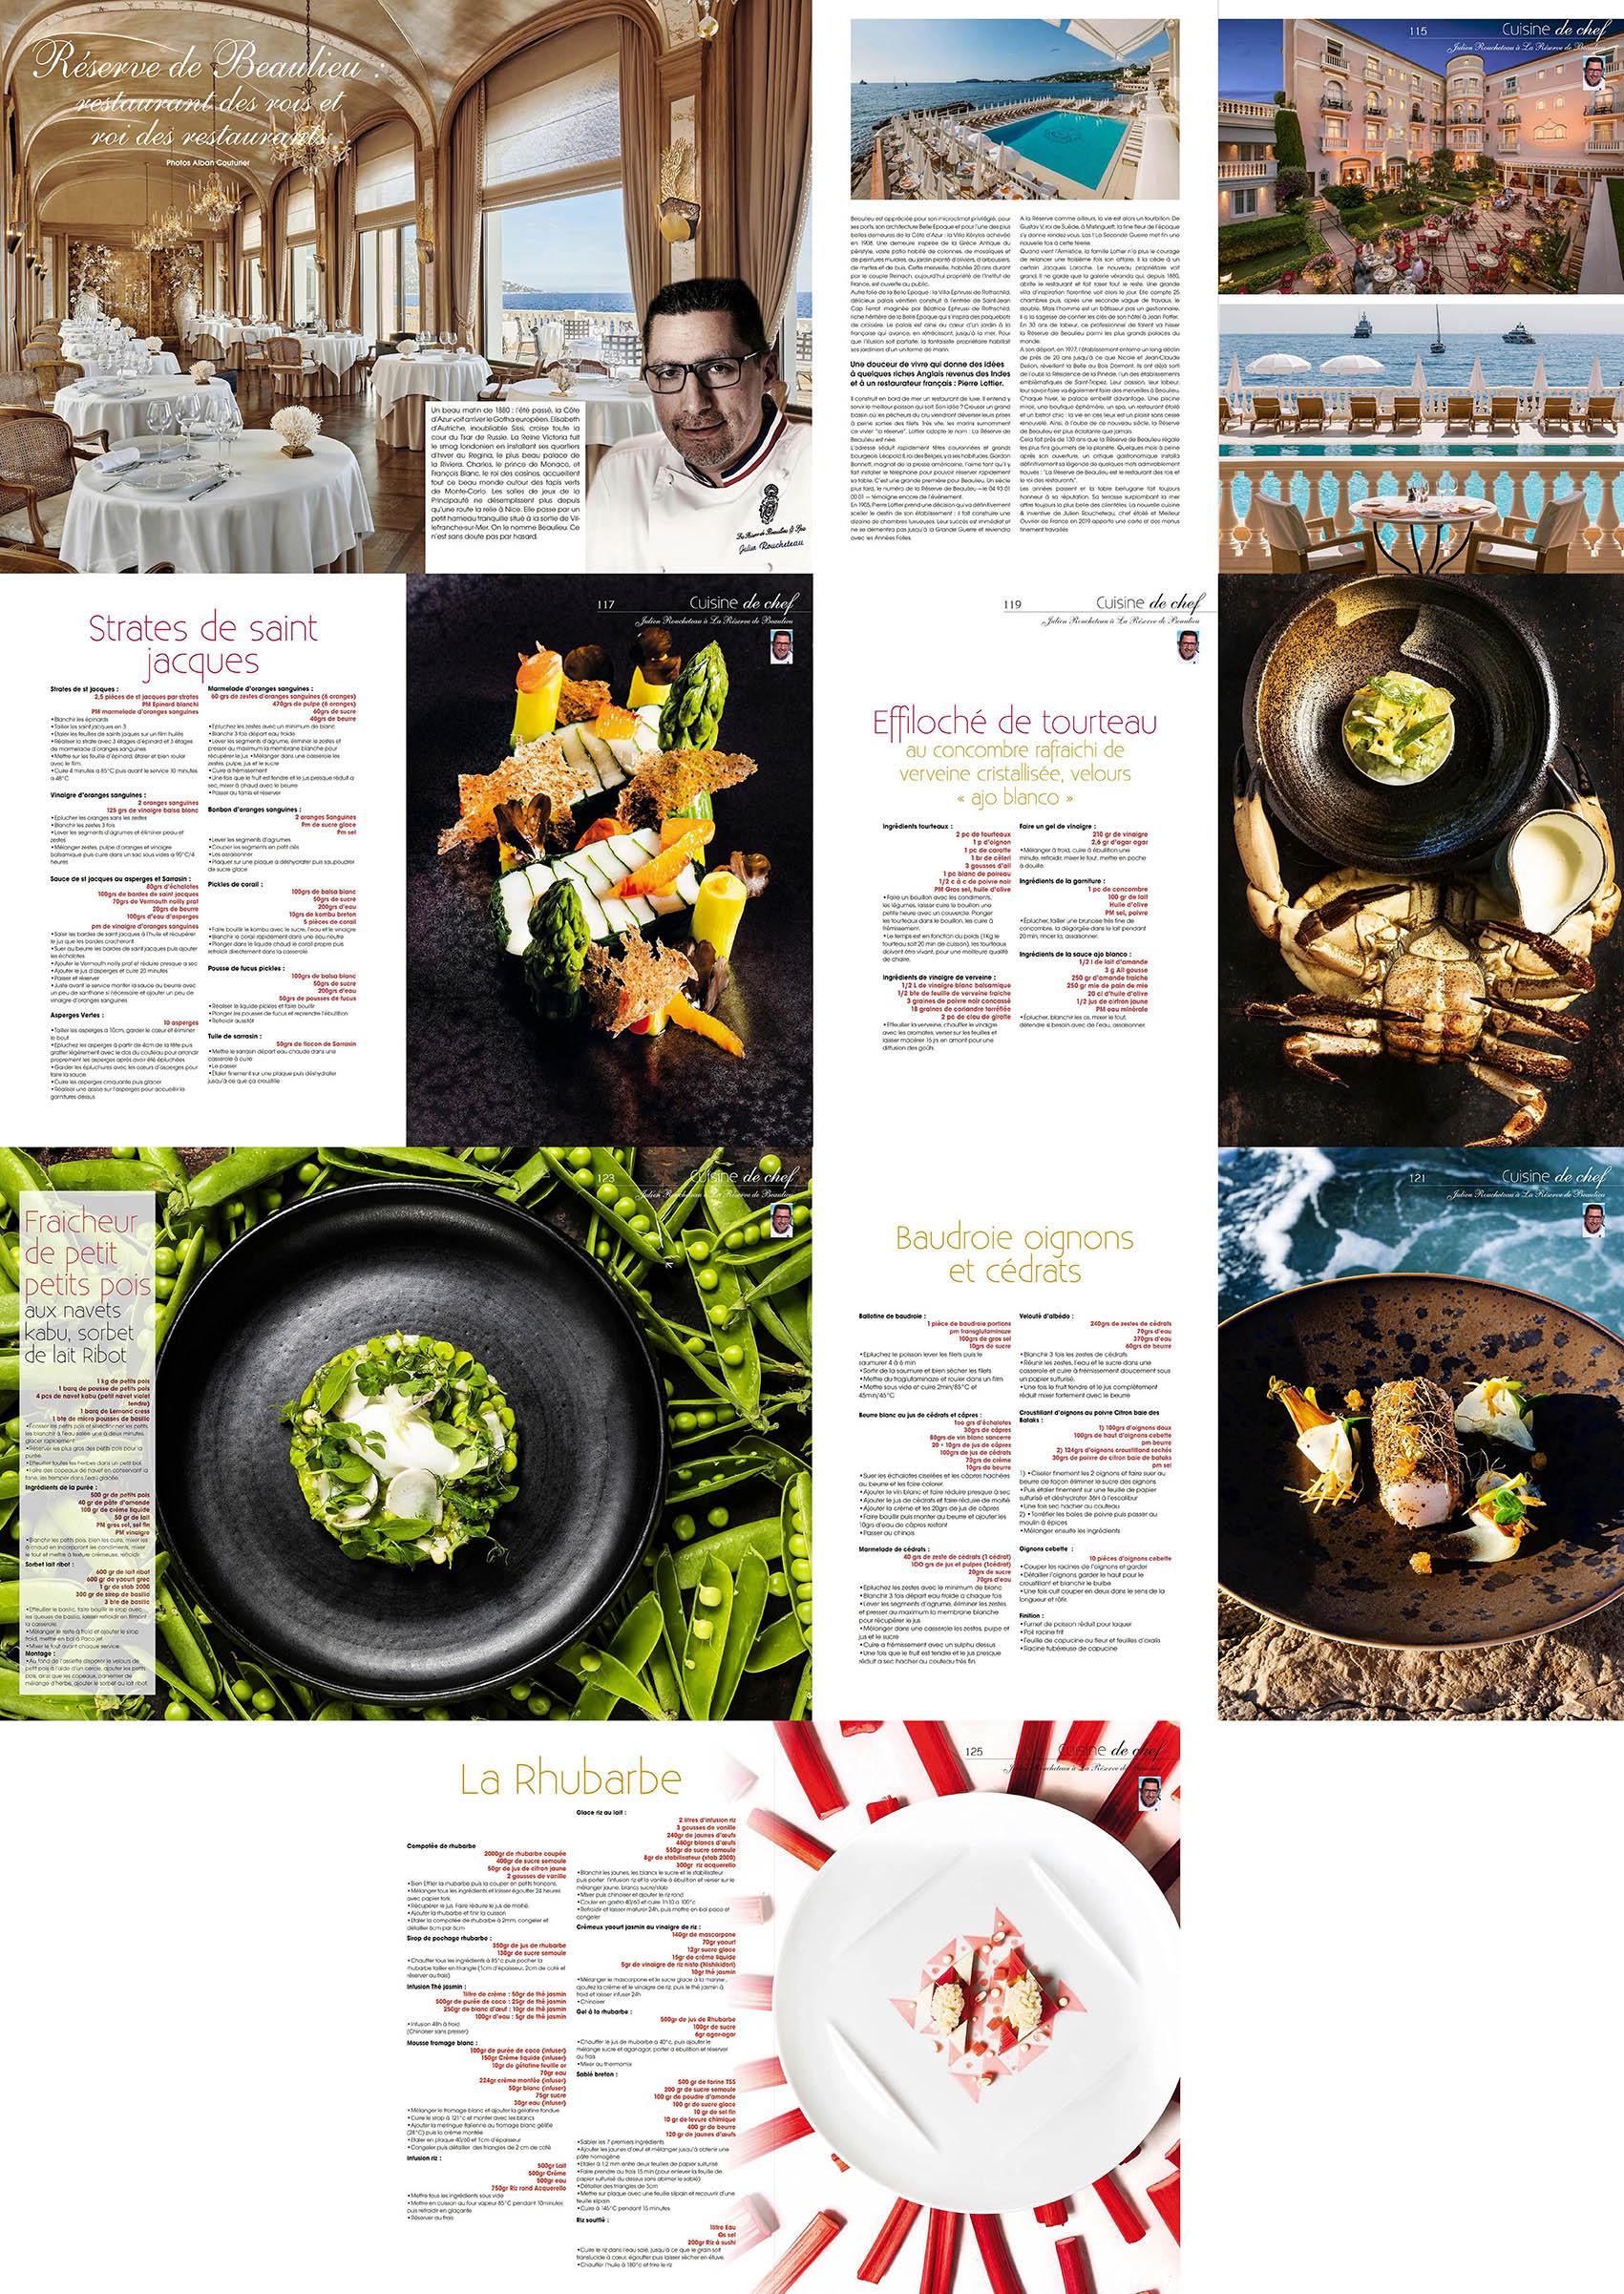 Magazine Cuisine A&D, numero 60, julien Roucheteau a La Reserve de Beaulieu, Recettes et Portraits ©Alban Couturier